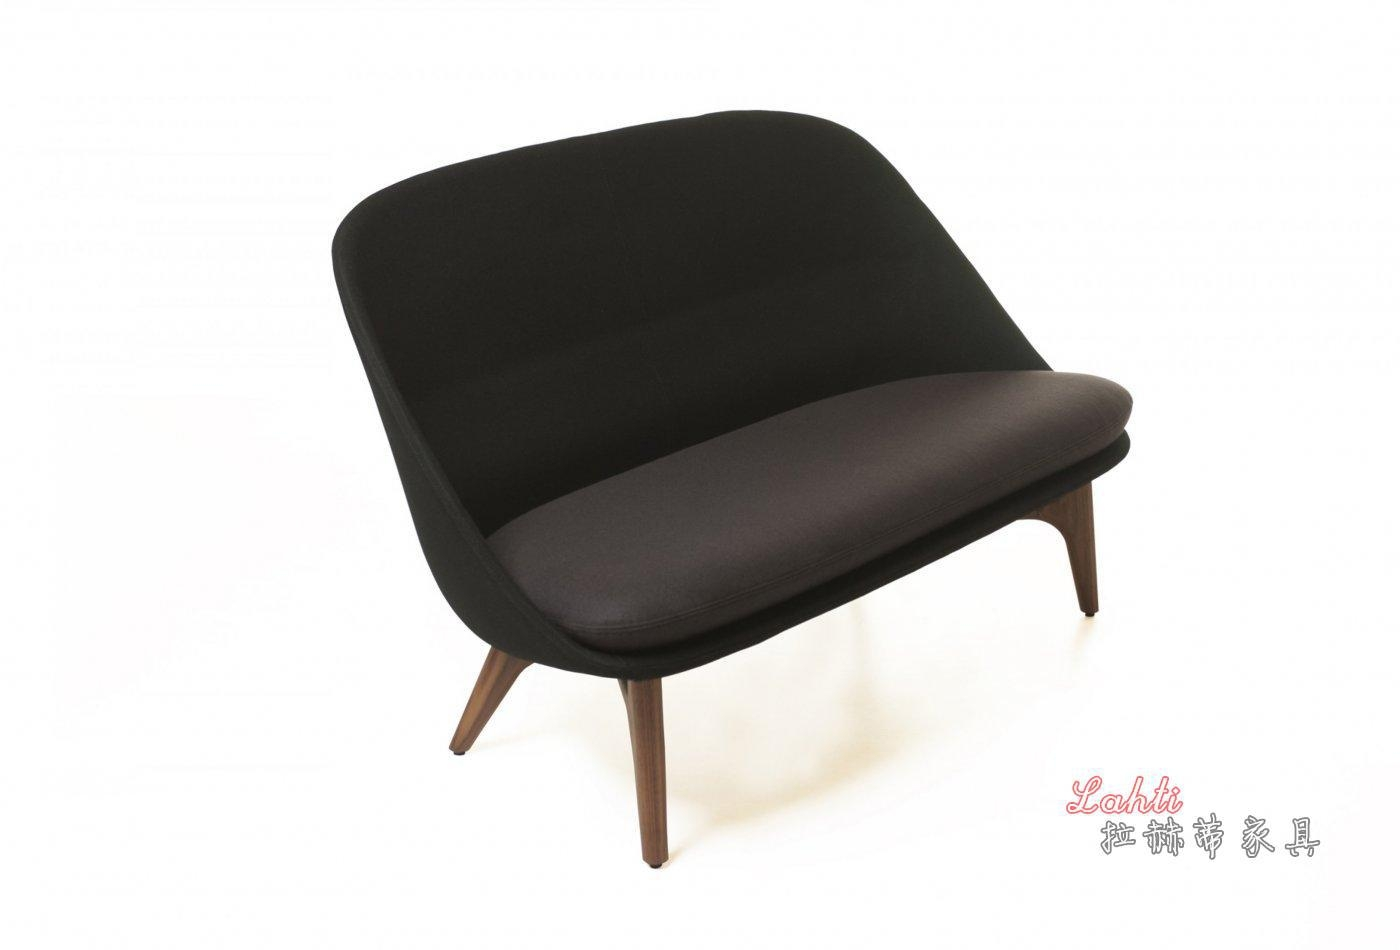 家居 家具 沙发 椅 椅子 装修 1400_950图片